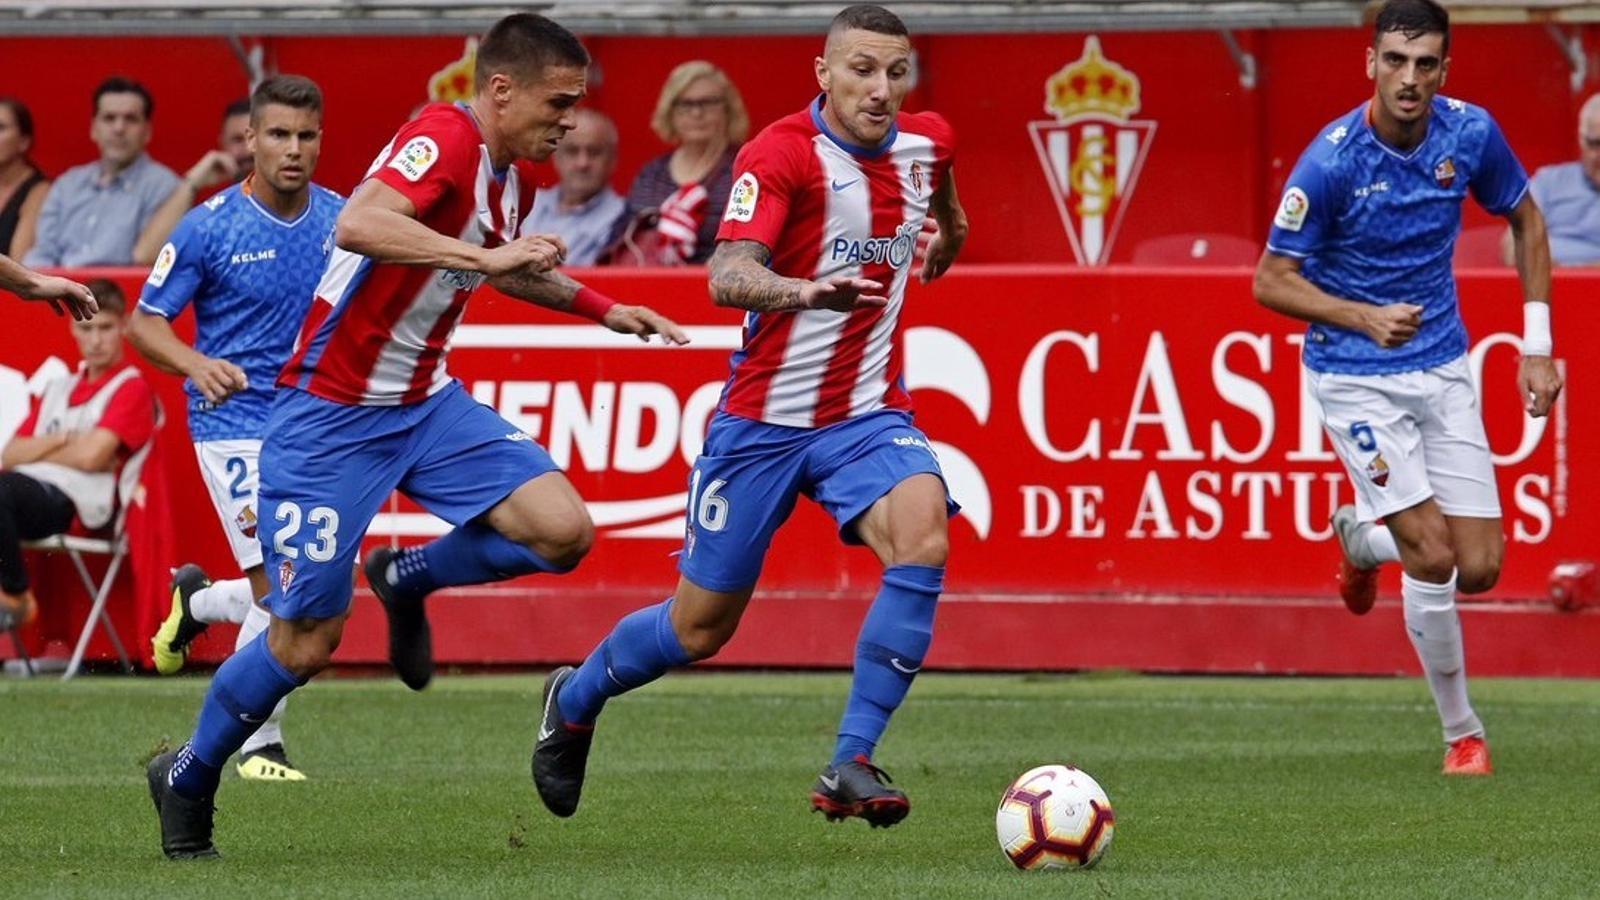 Imatge del partit entre l'Sporting de Gijón i el Reus